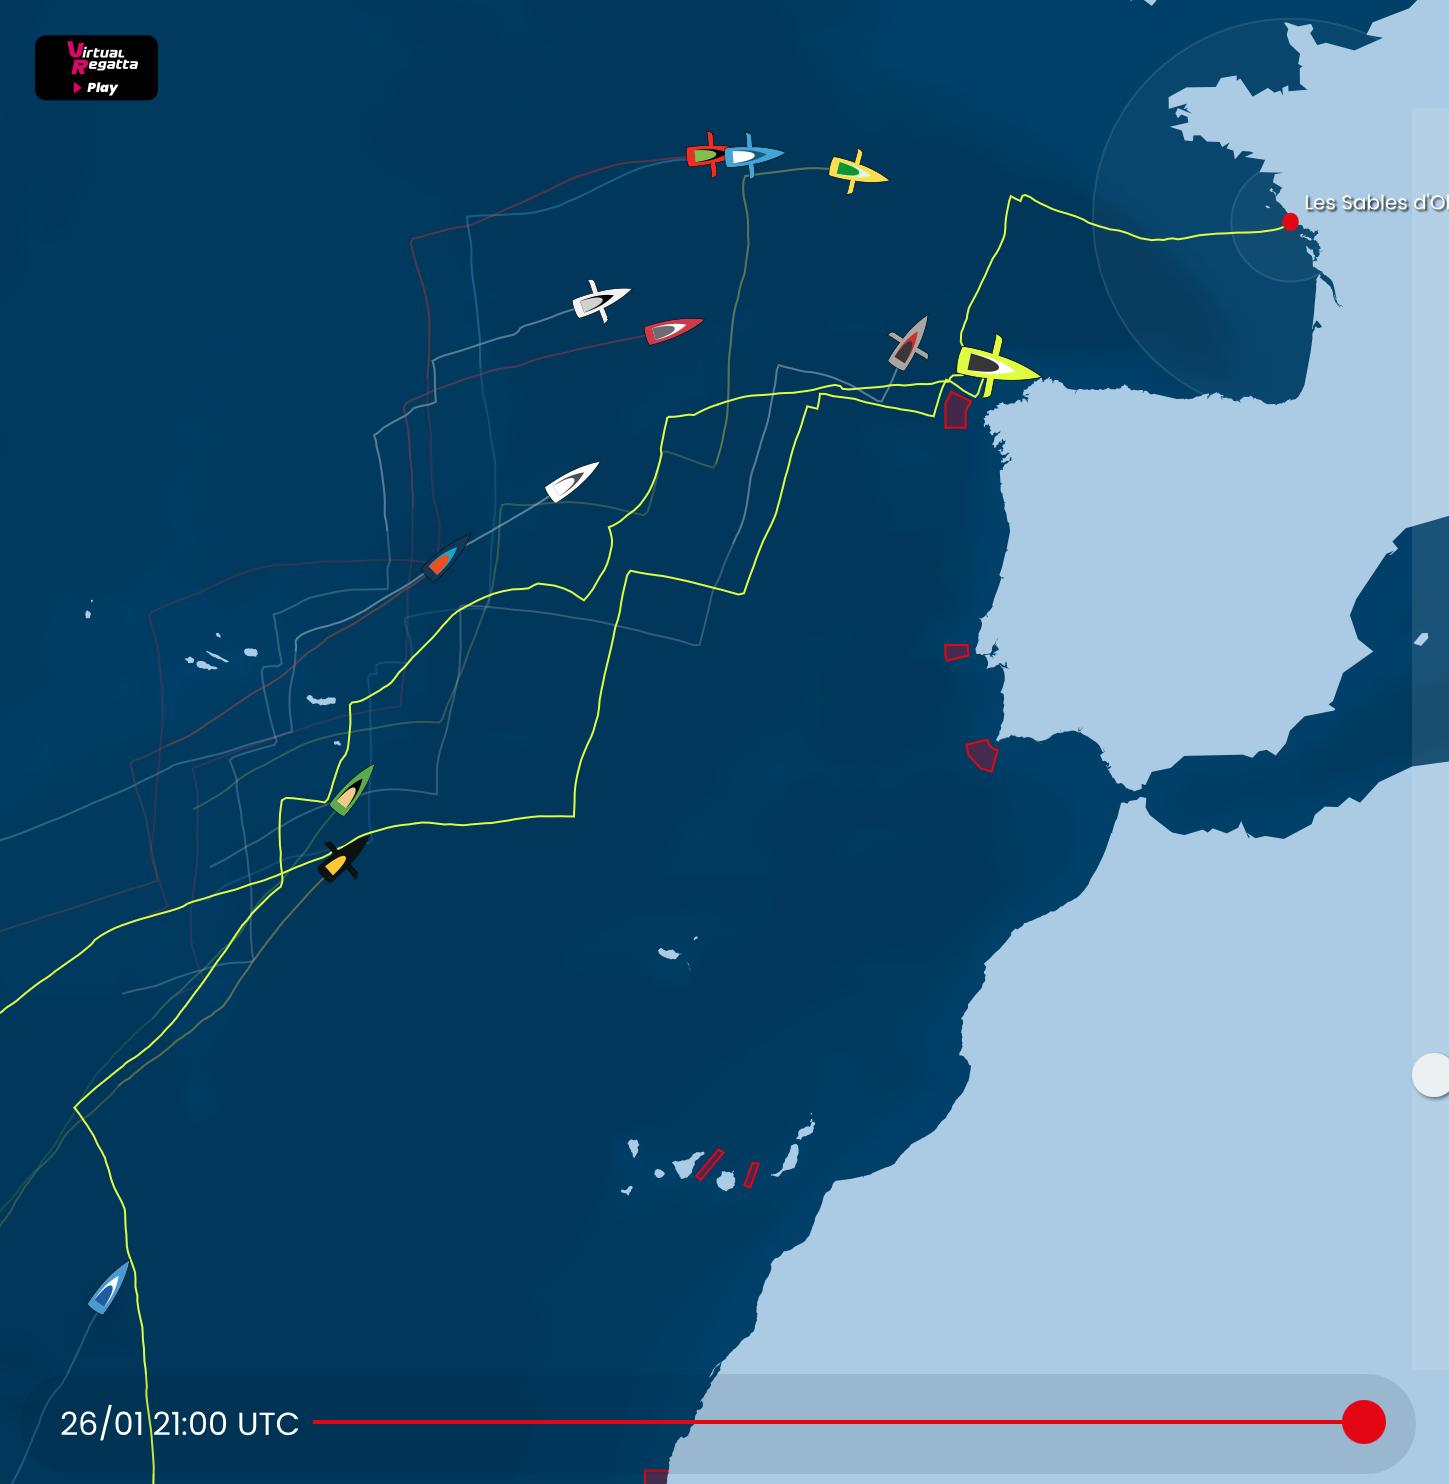 Парусная кругосветка Vendée Globe финиширует в среду вечером